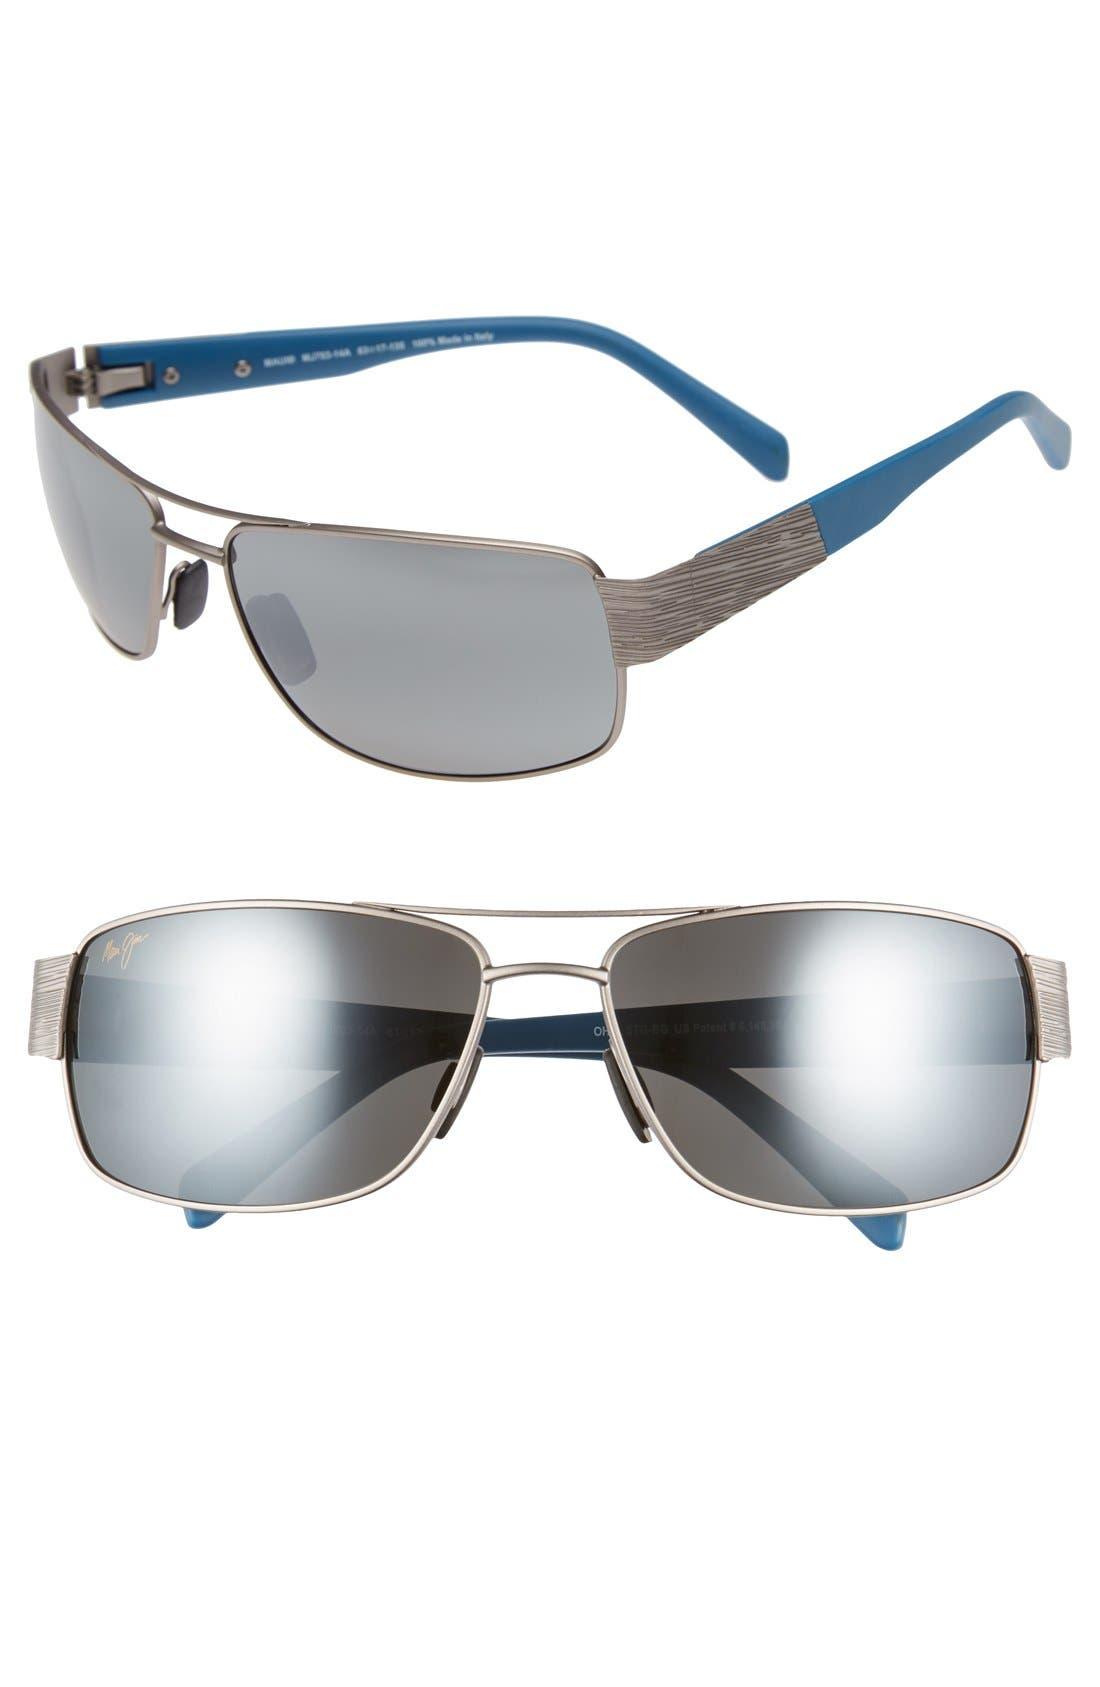 Alternate Image 1 Selected - Maui Jim 'Ohia' 64mm Polarized Sunglasses